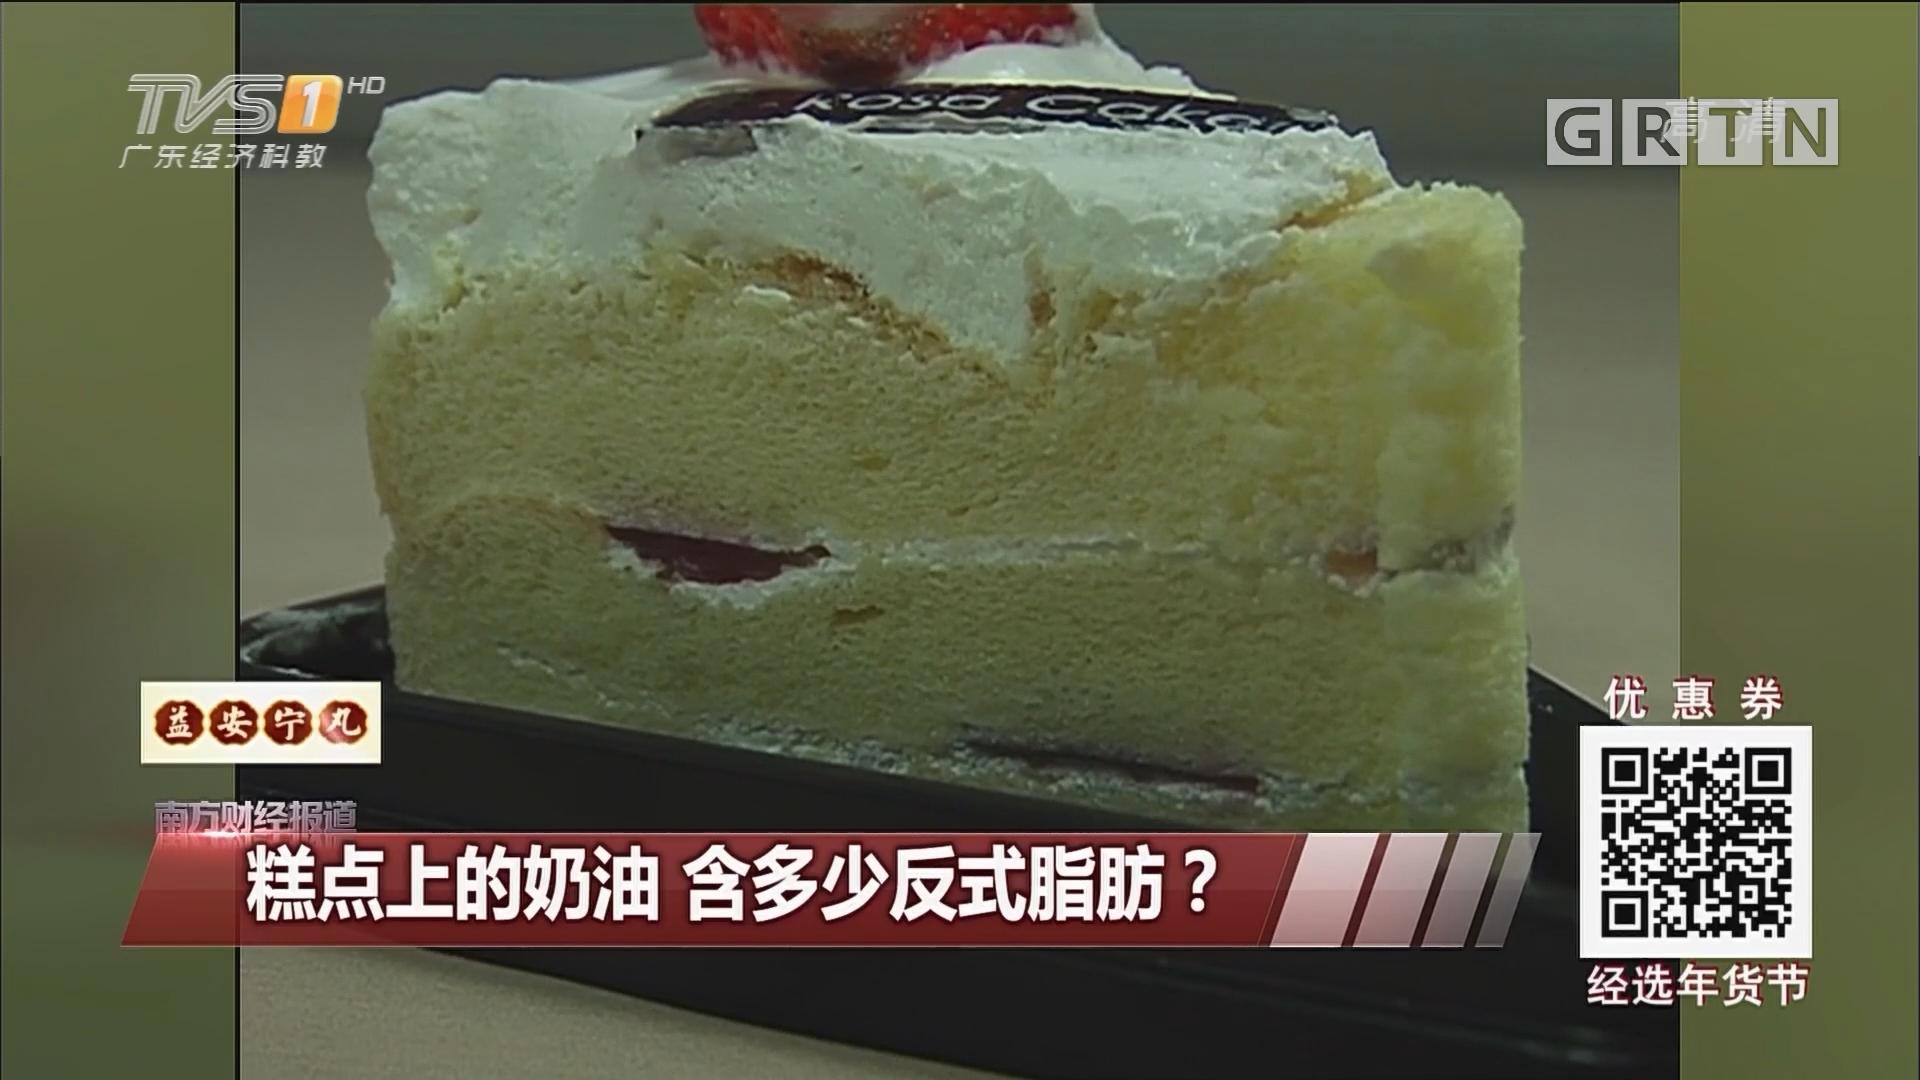 糕点上的奶油 含多少反式脂肪?